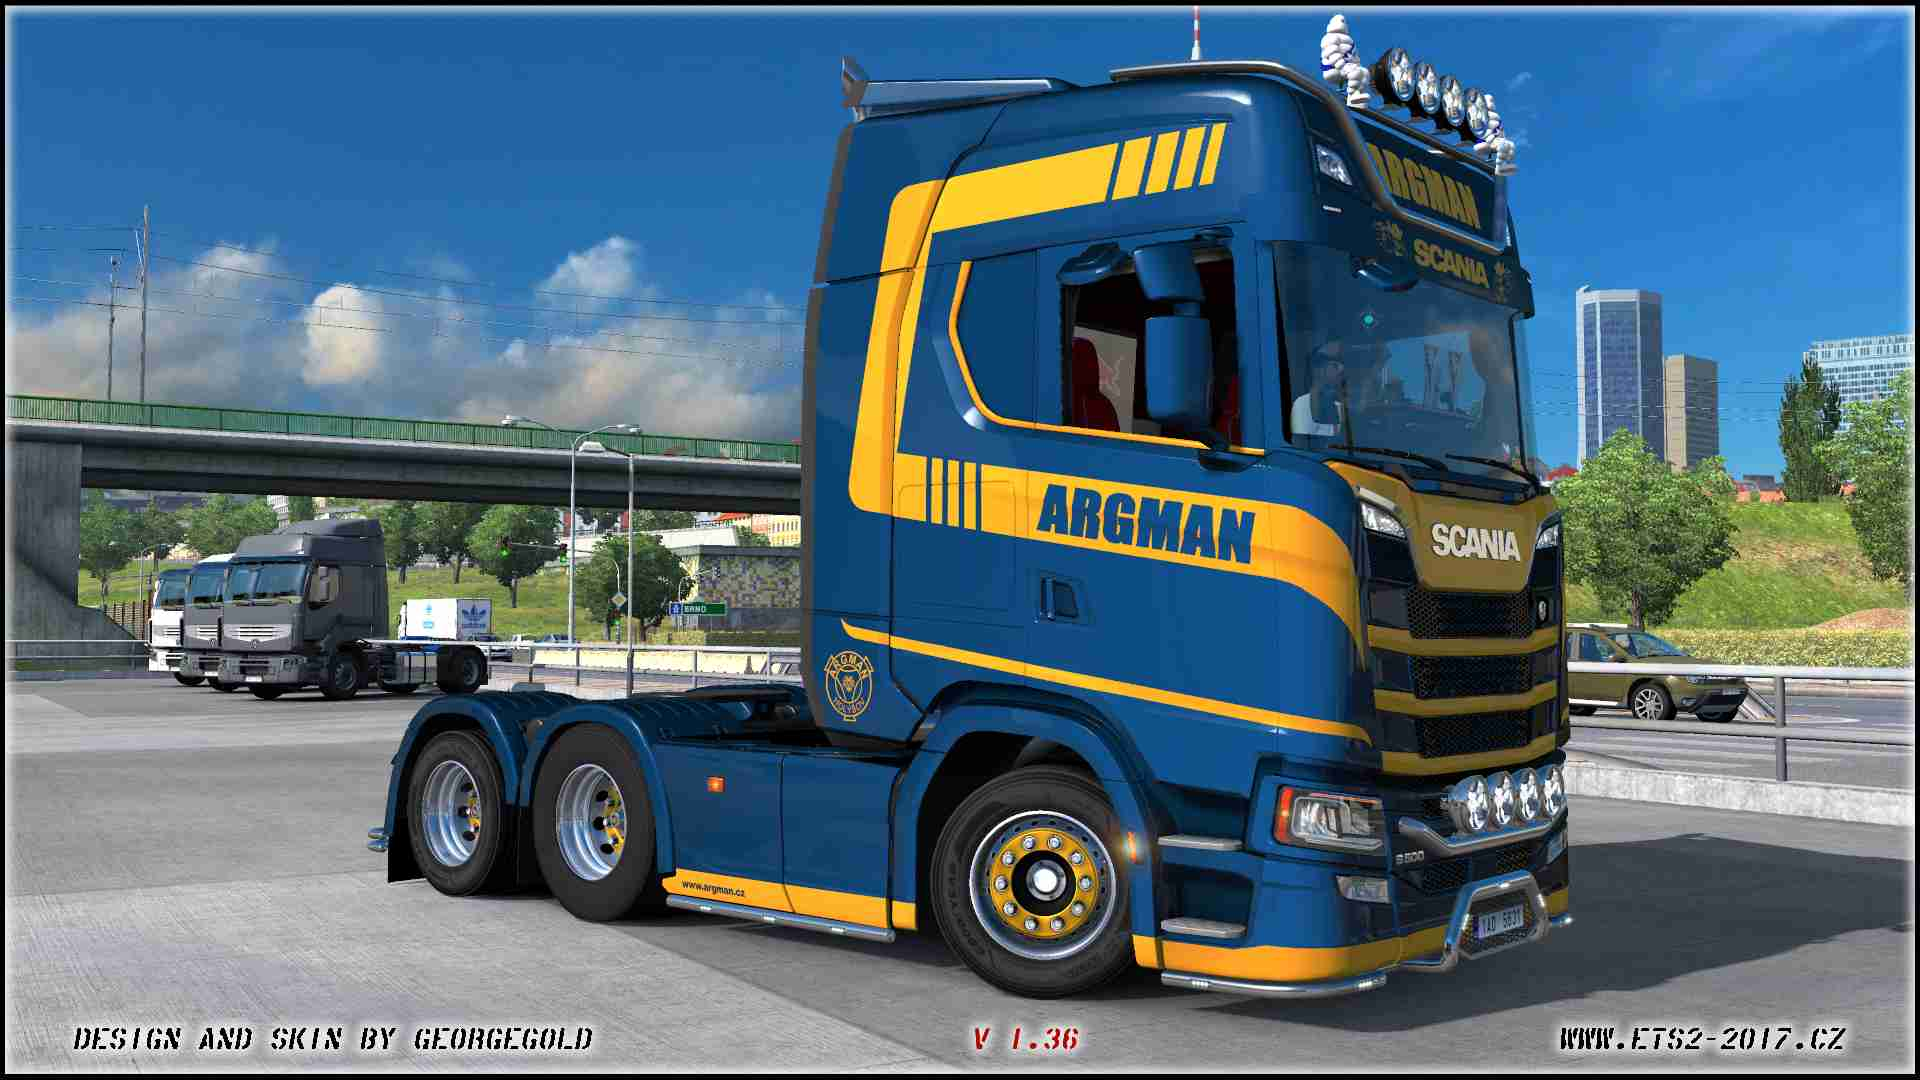 Scania NG S Argman Gold